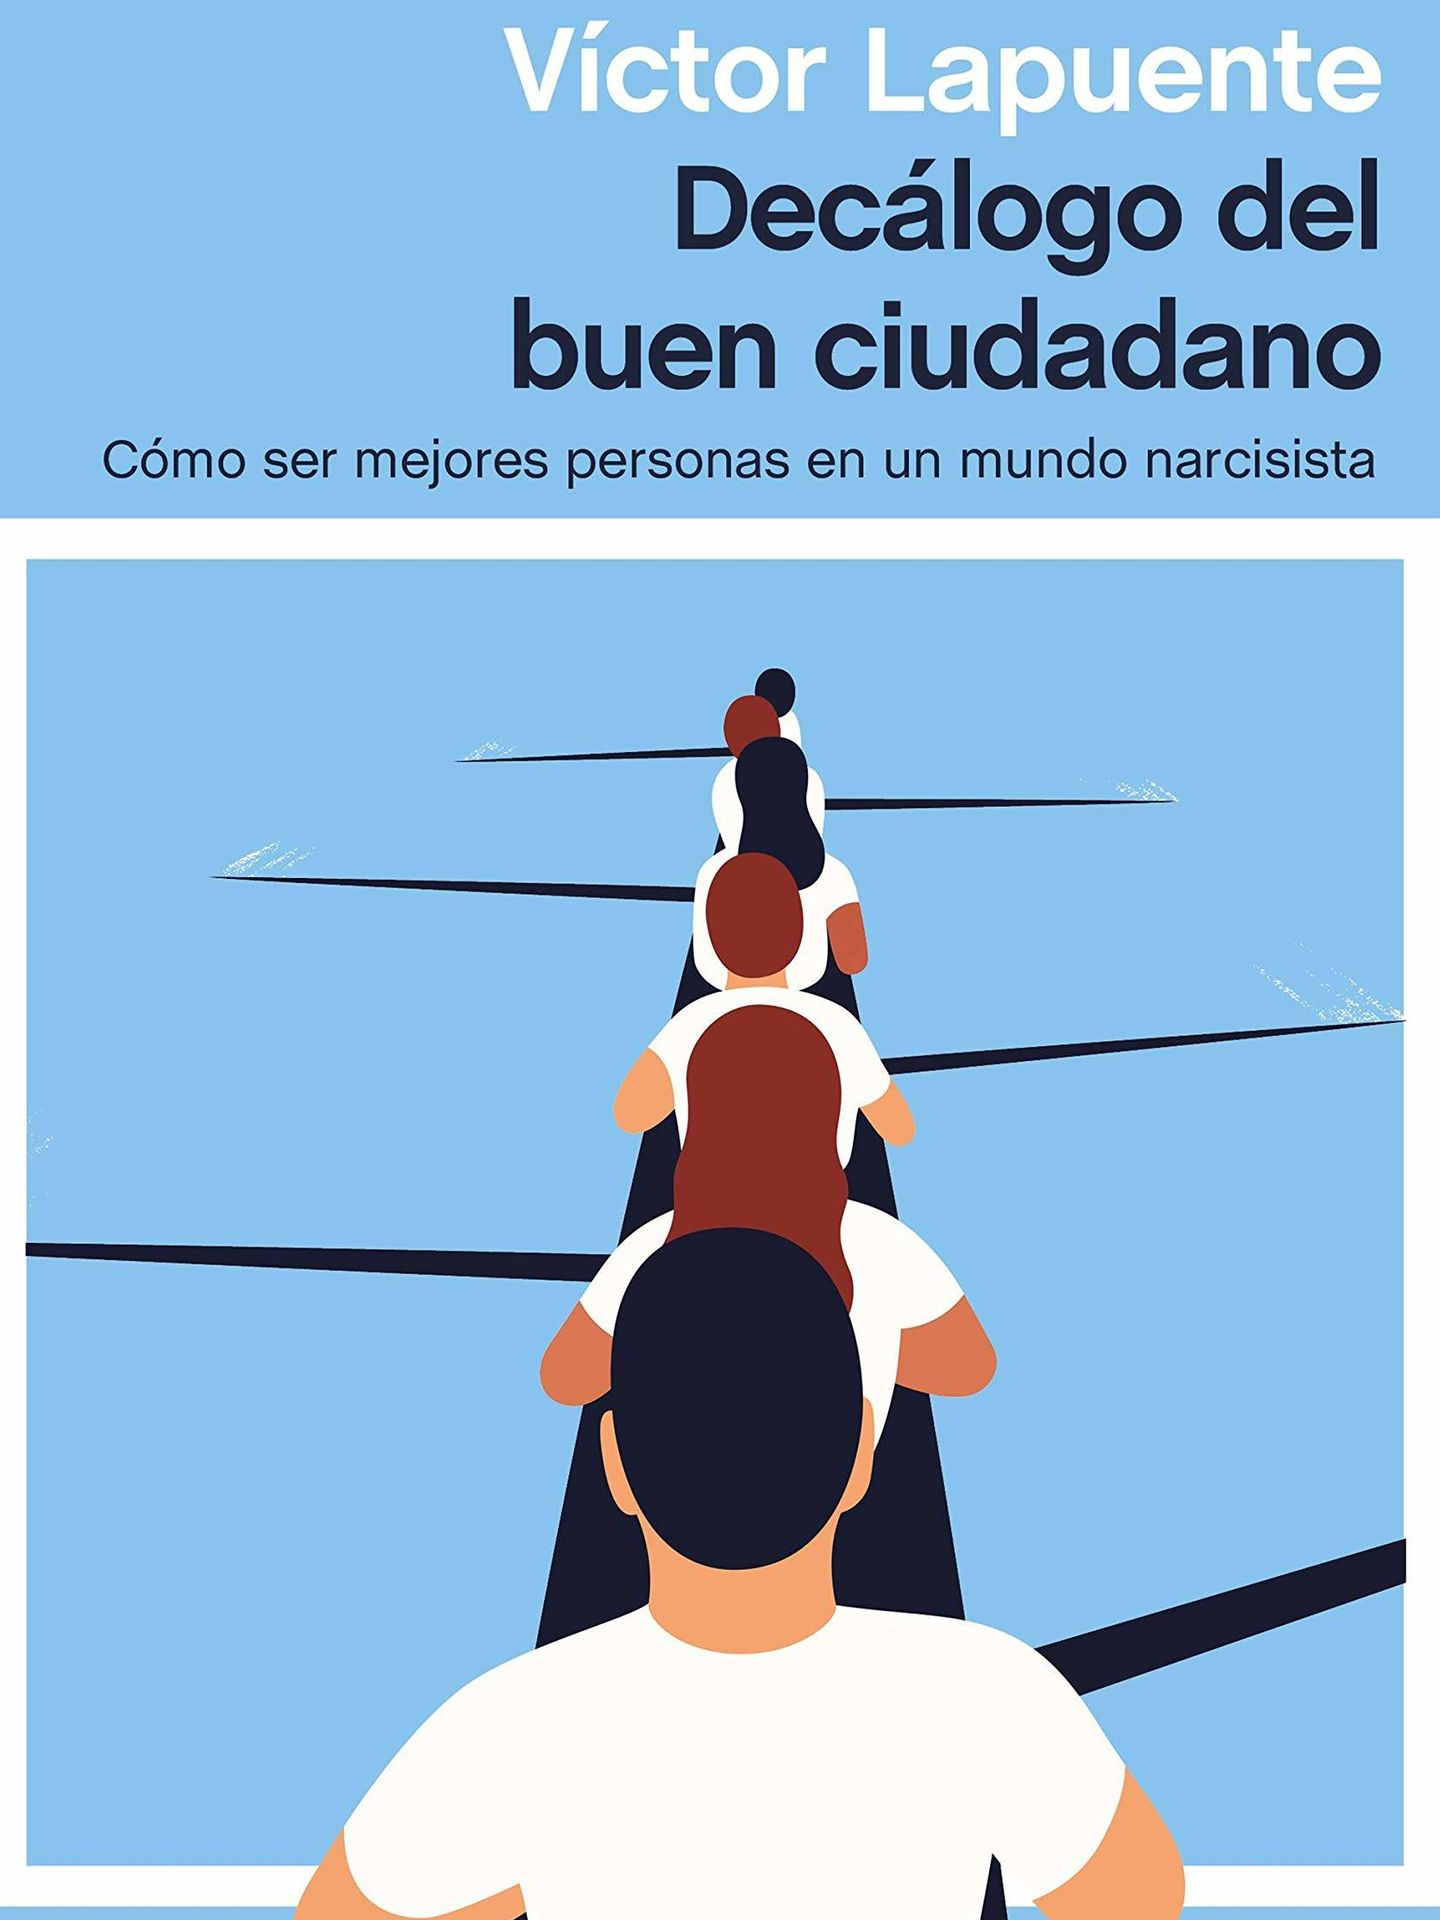 'Decálogo del buen ciudadano'. (Península)